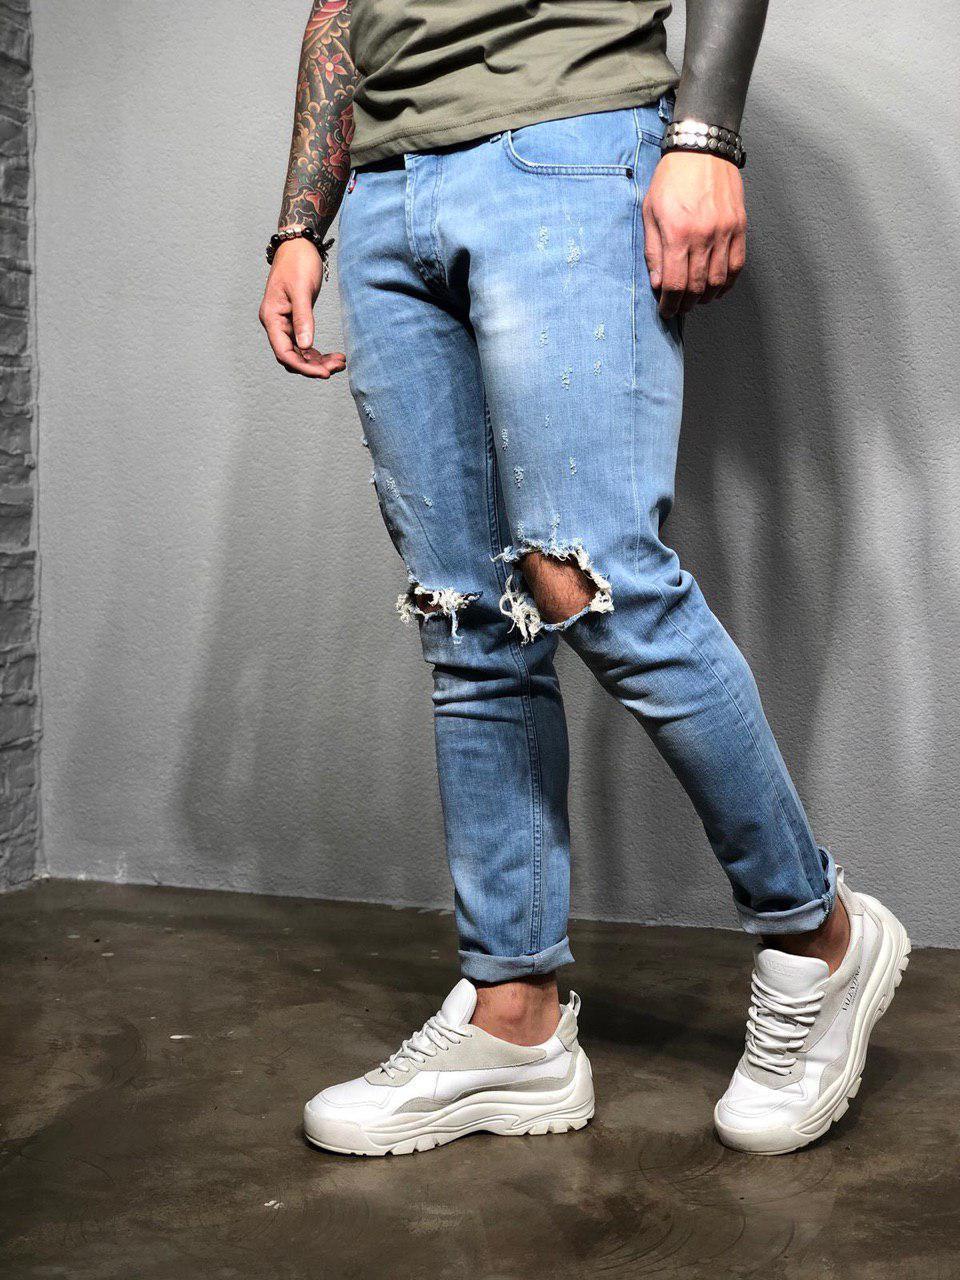 6397c3b53f4 Джинсы мужские синие рваные зауженные с подкатами весна лето осень ТОП  КАЧЕСТВО модные джинсы